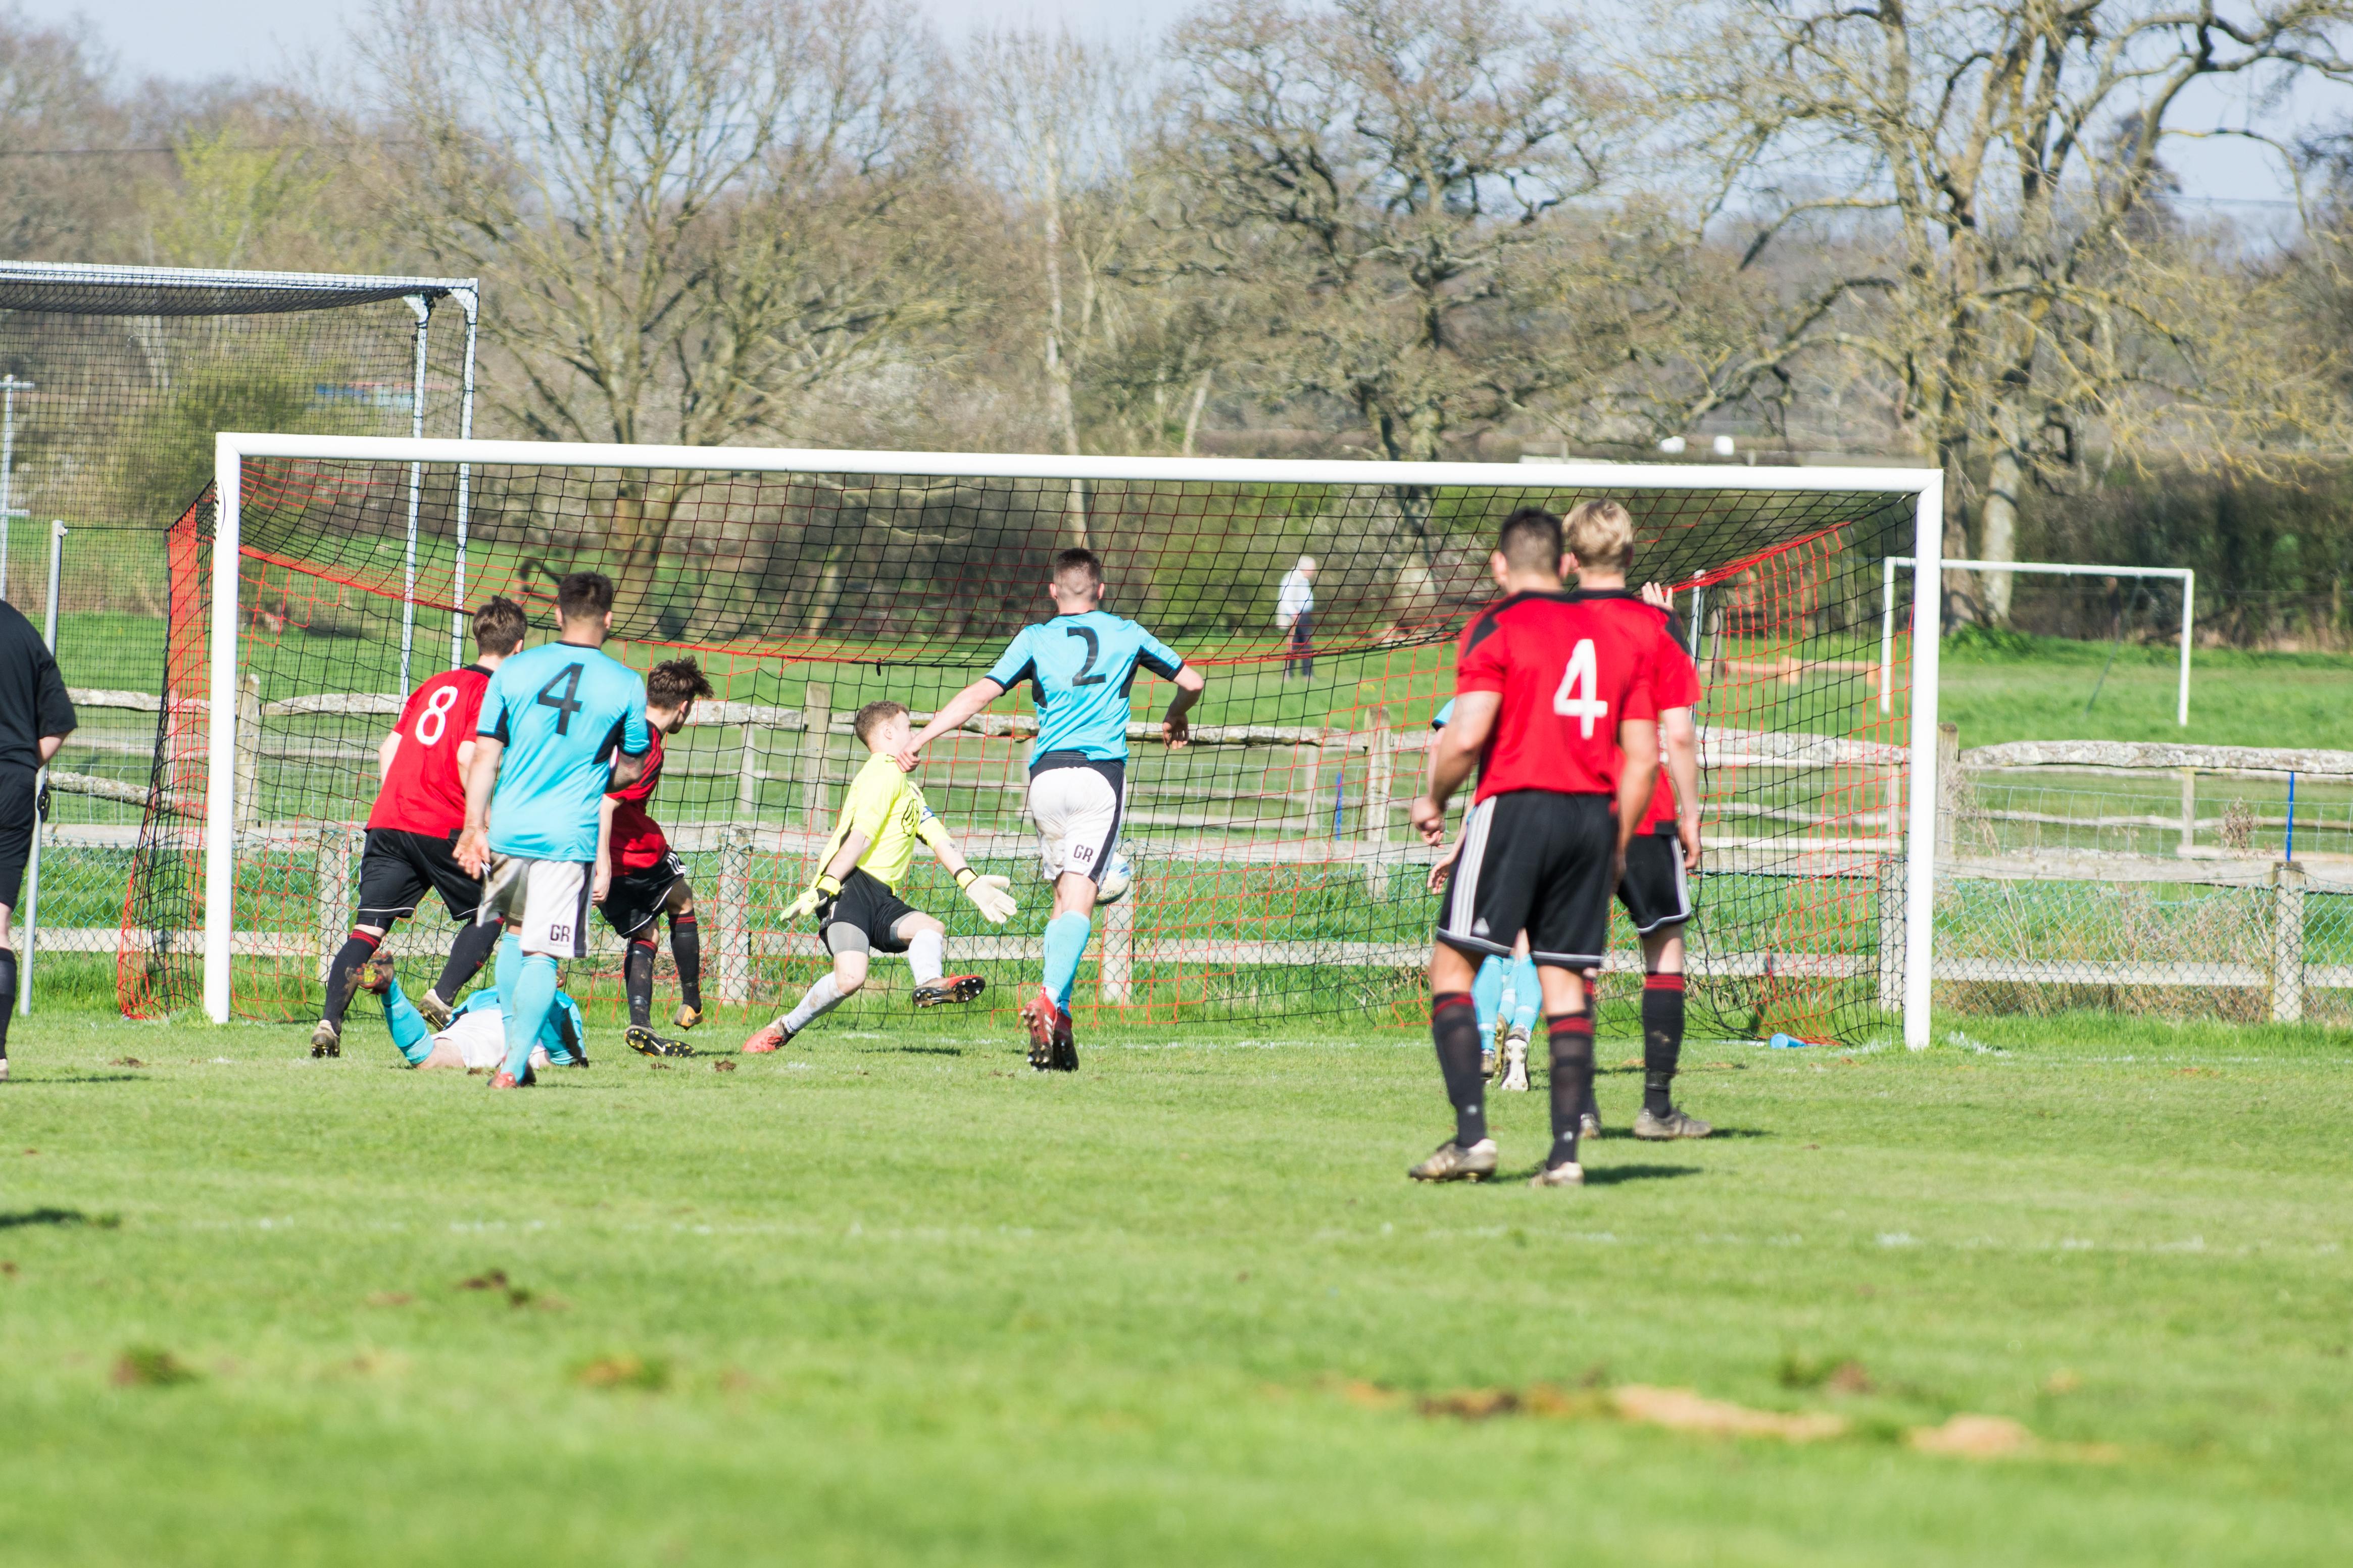 DAVID_JEFFERY Billingshurst FC vs AFC Varndeanians 14.04.18 98